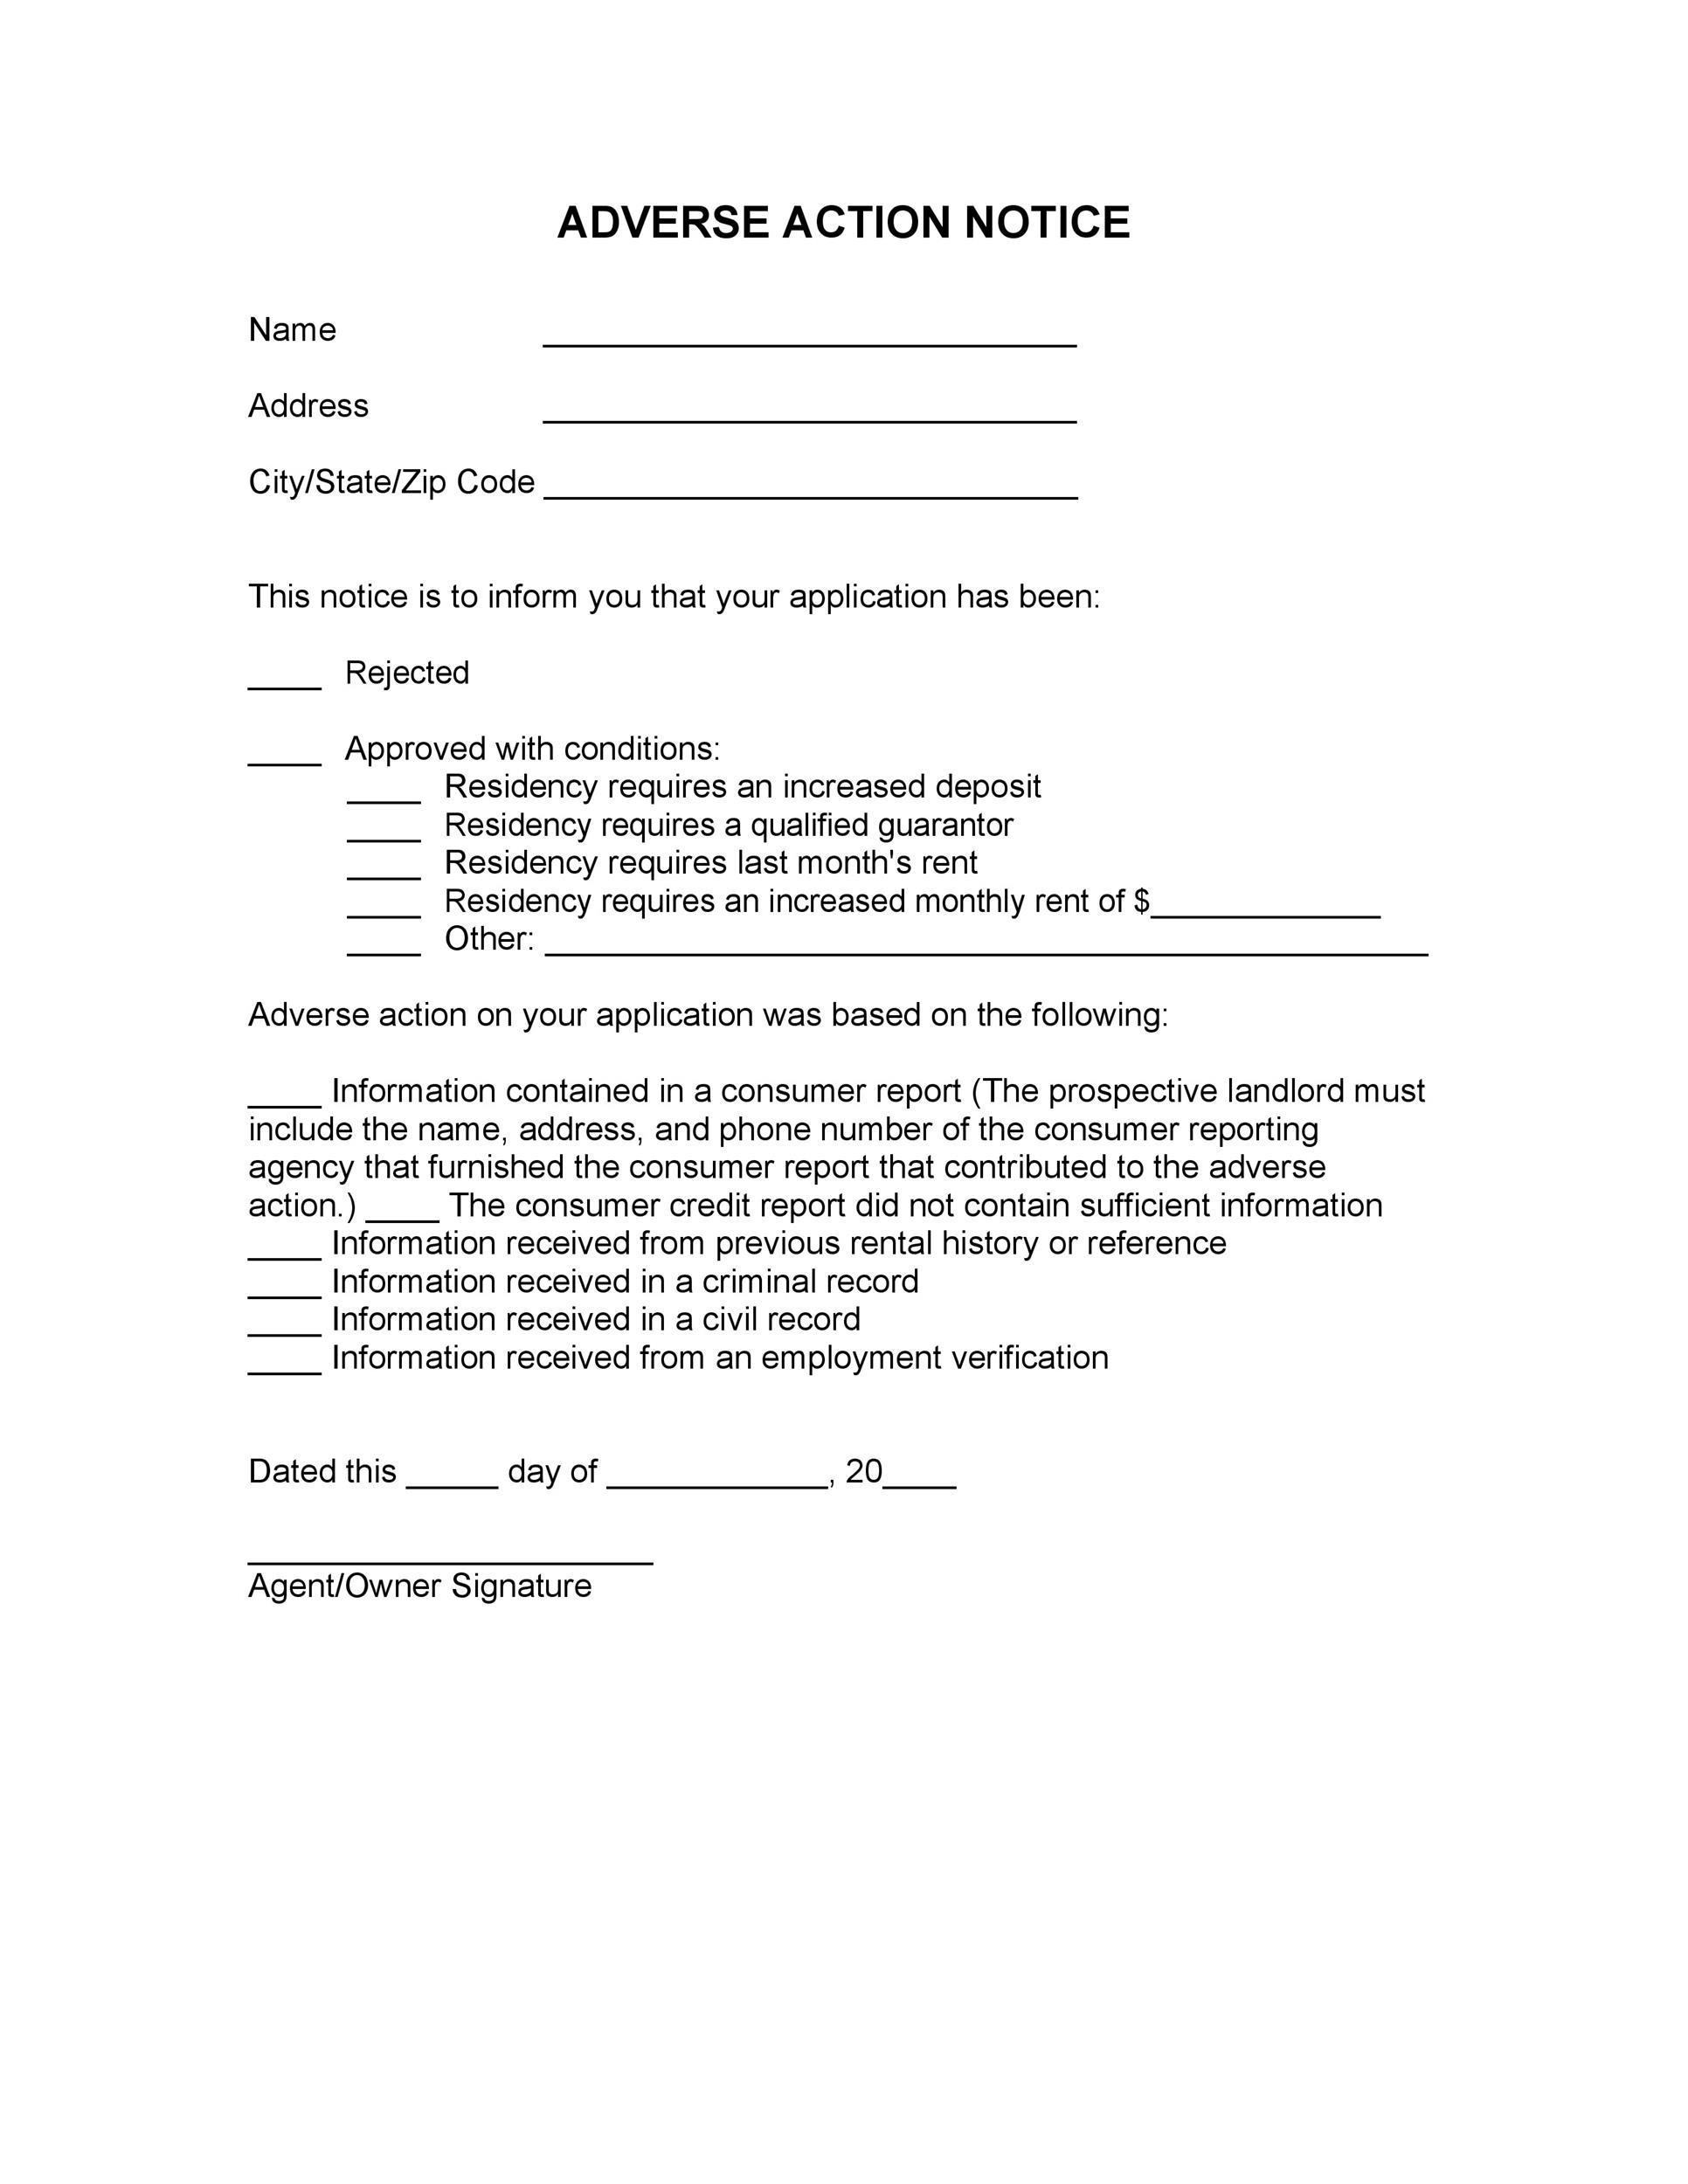 Free adverse action notice 04